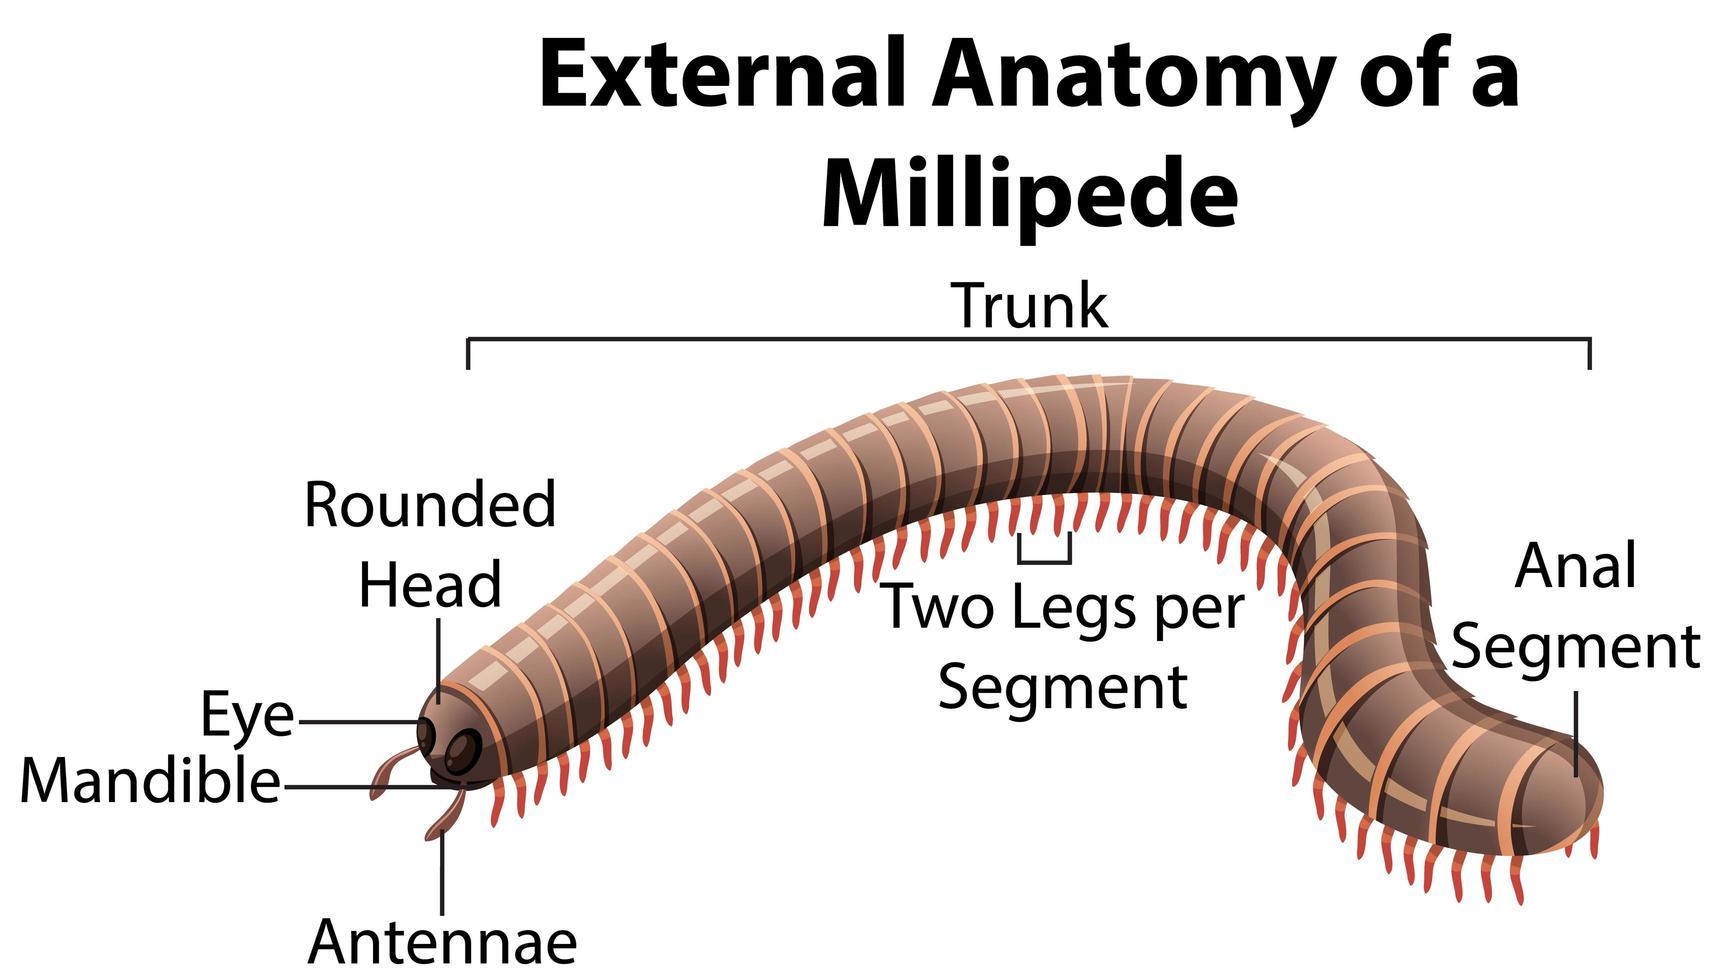 externe anatomie van een duizendpoot op witte achtergrond vector